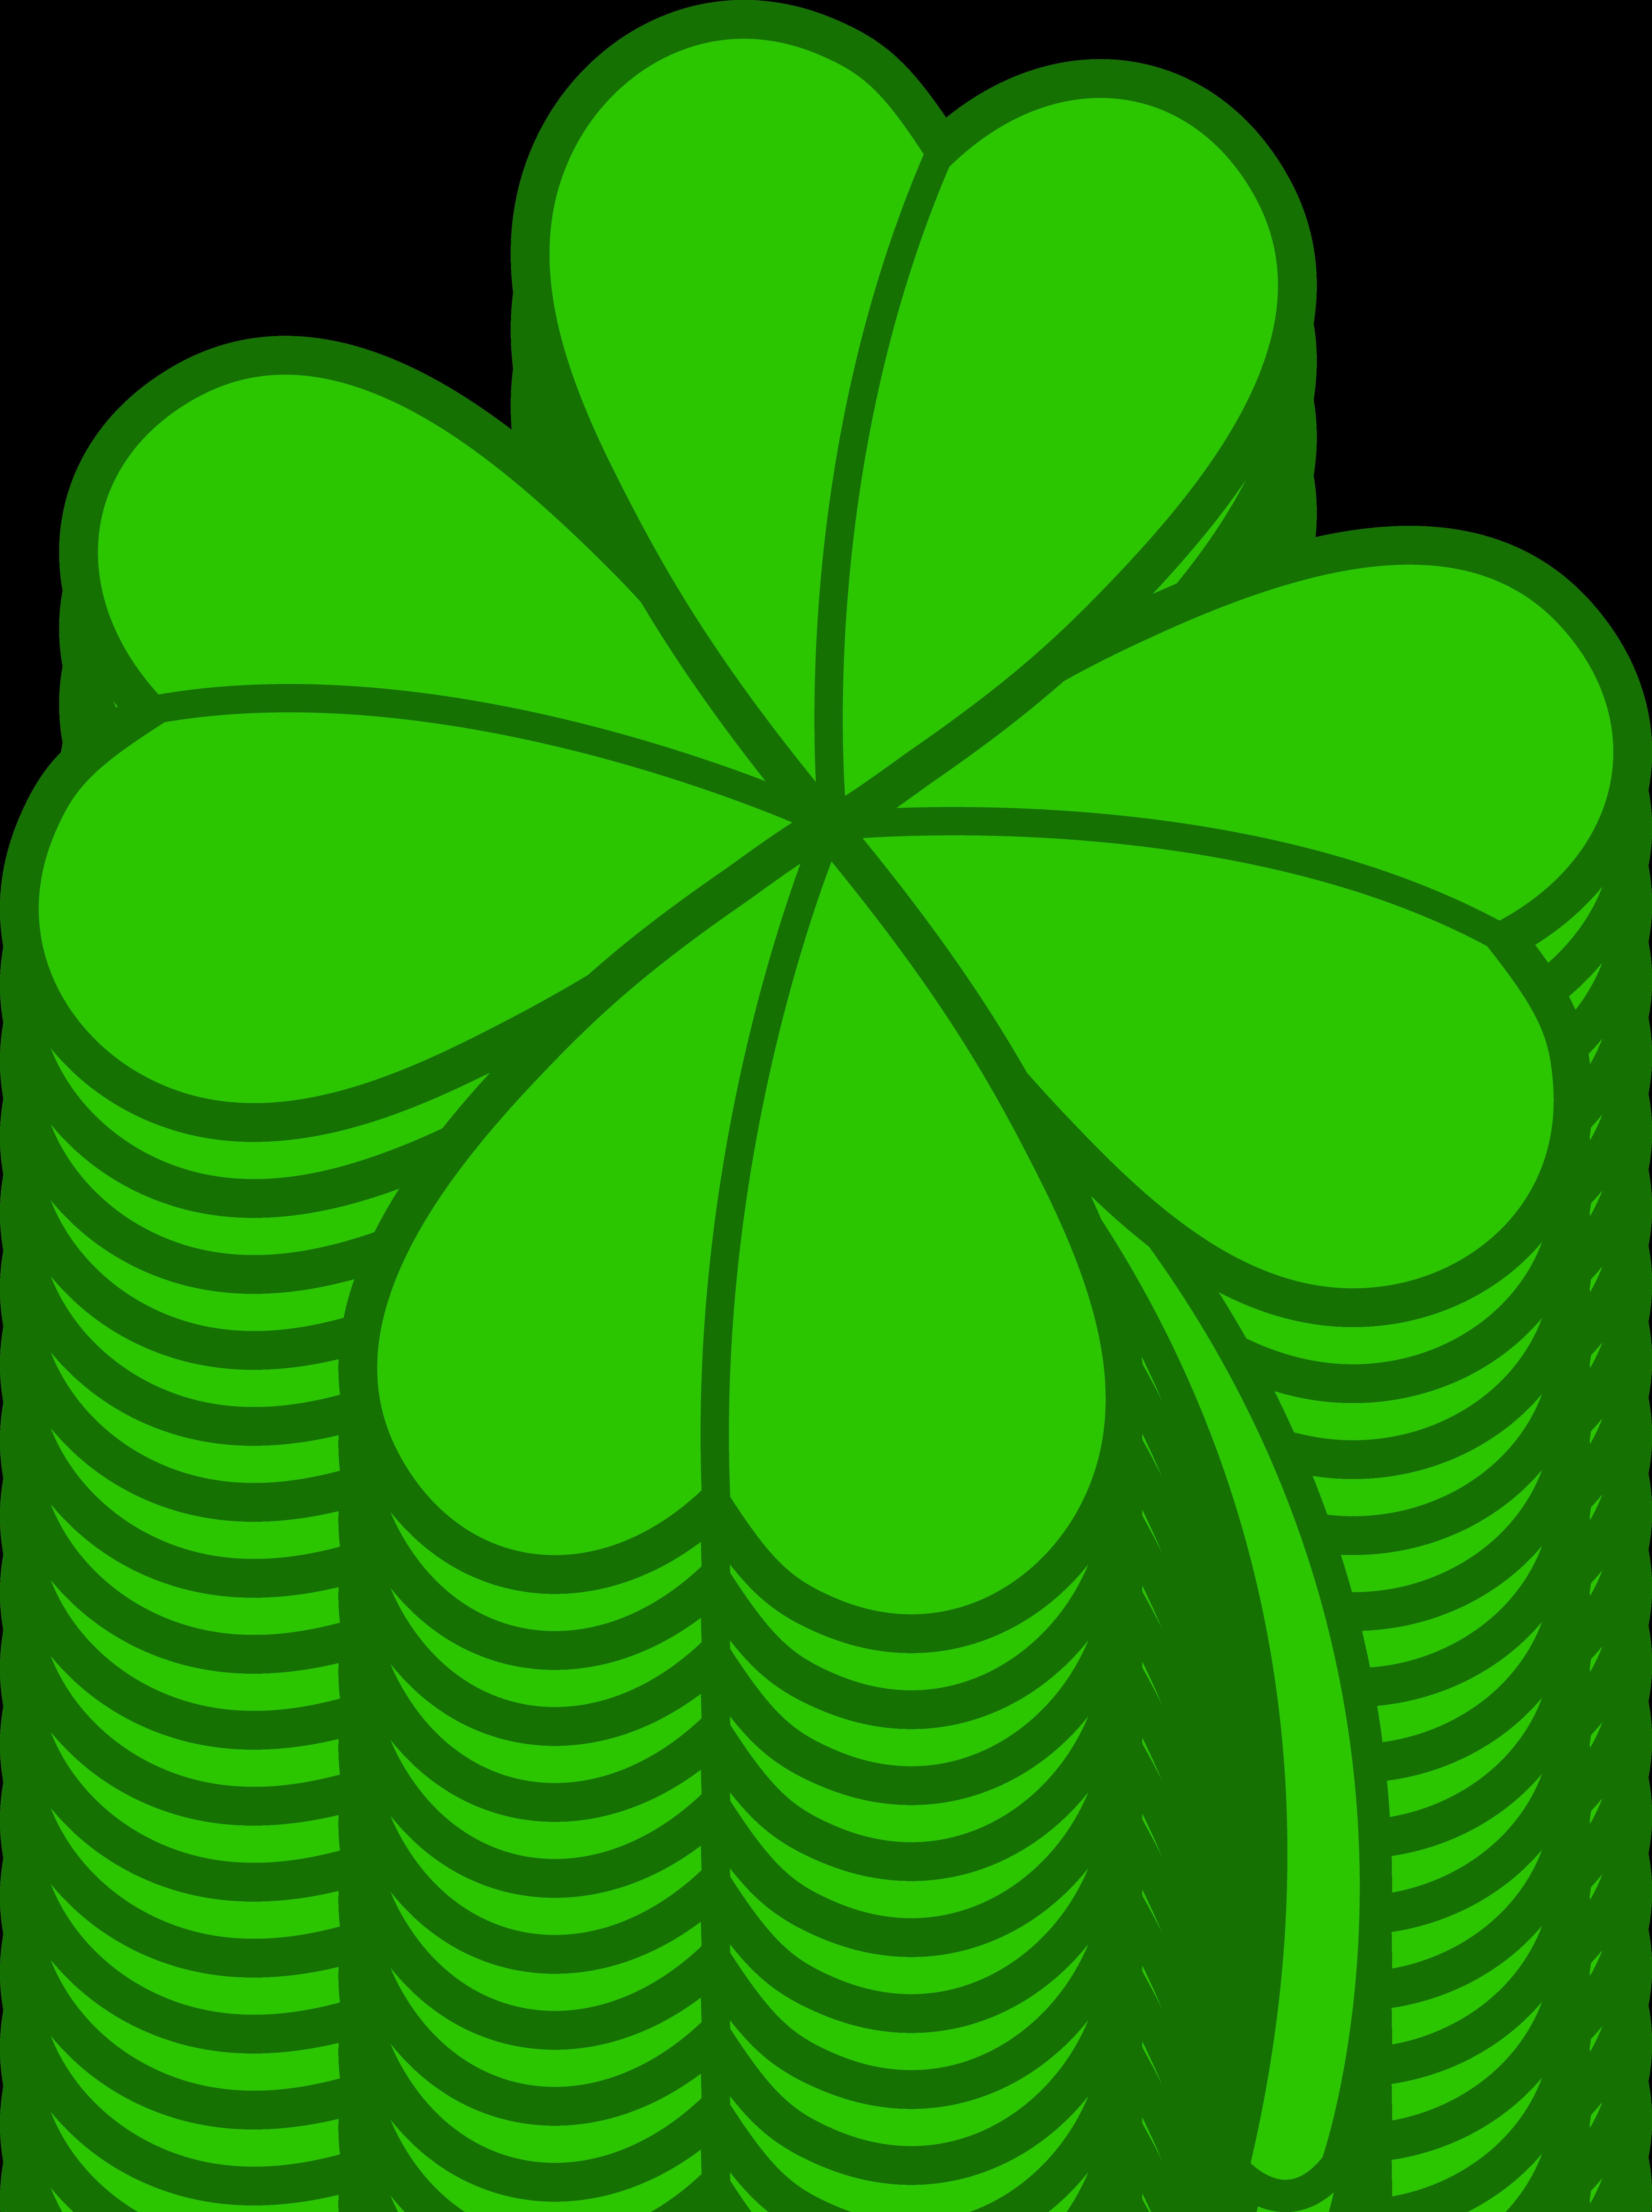 Four Leaf Clover Version 2.